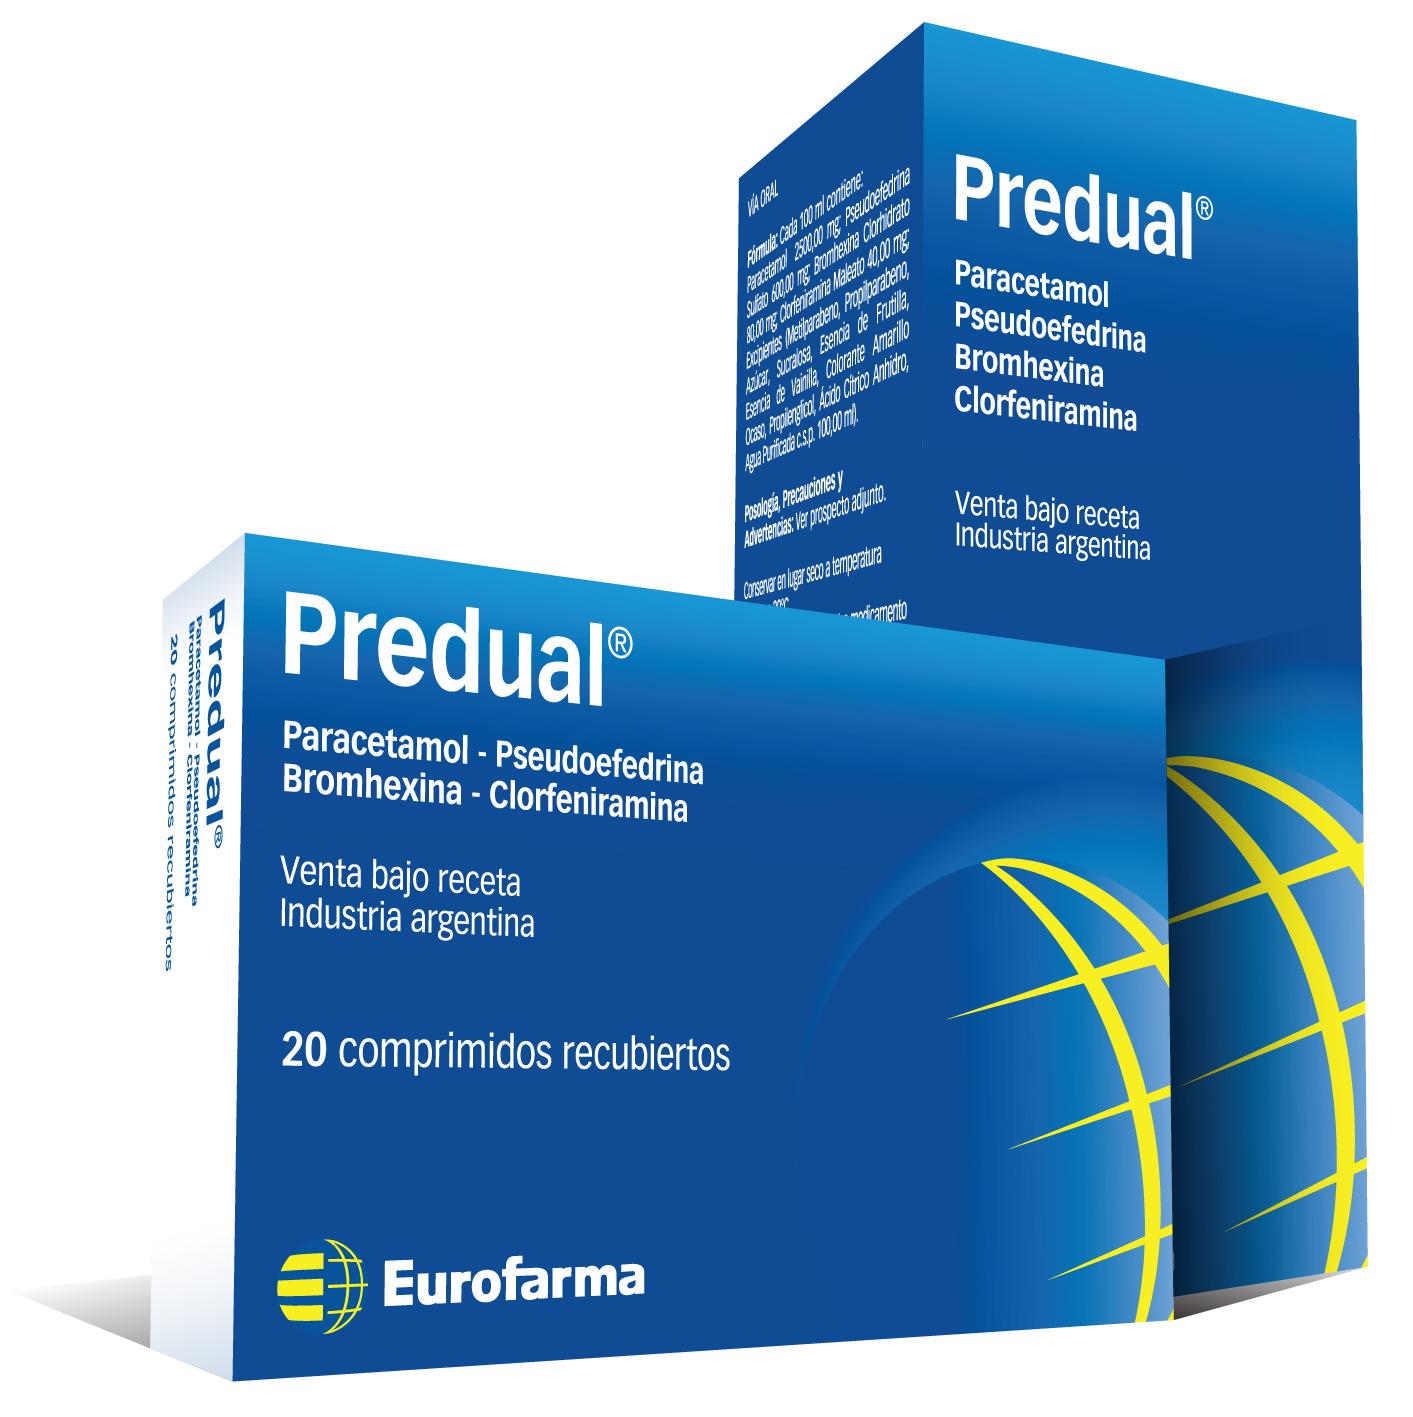 Predual Comprimidos Recubiertos / Jarabe